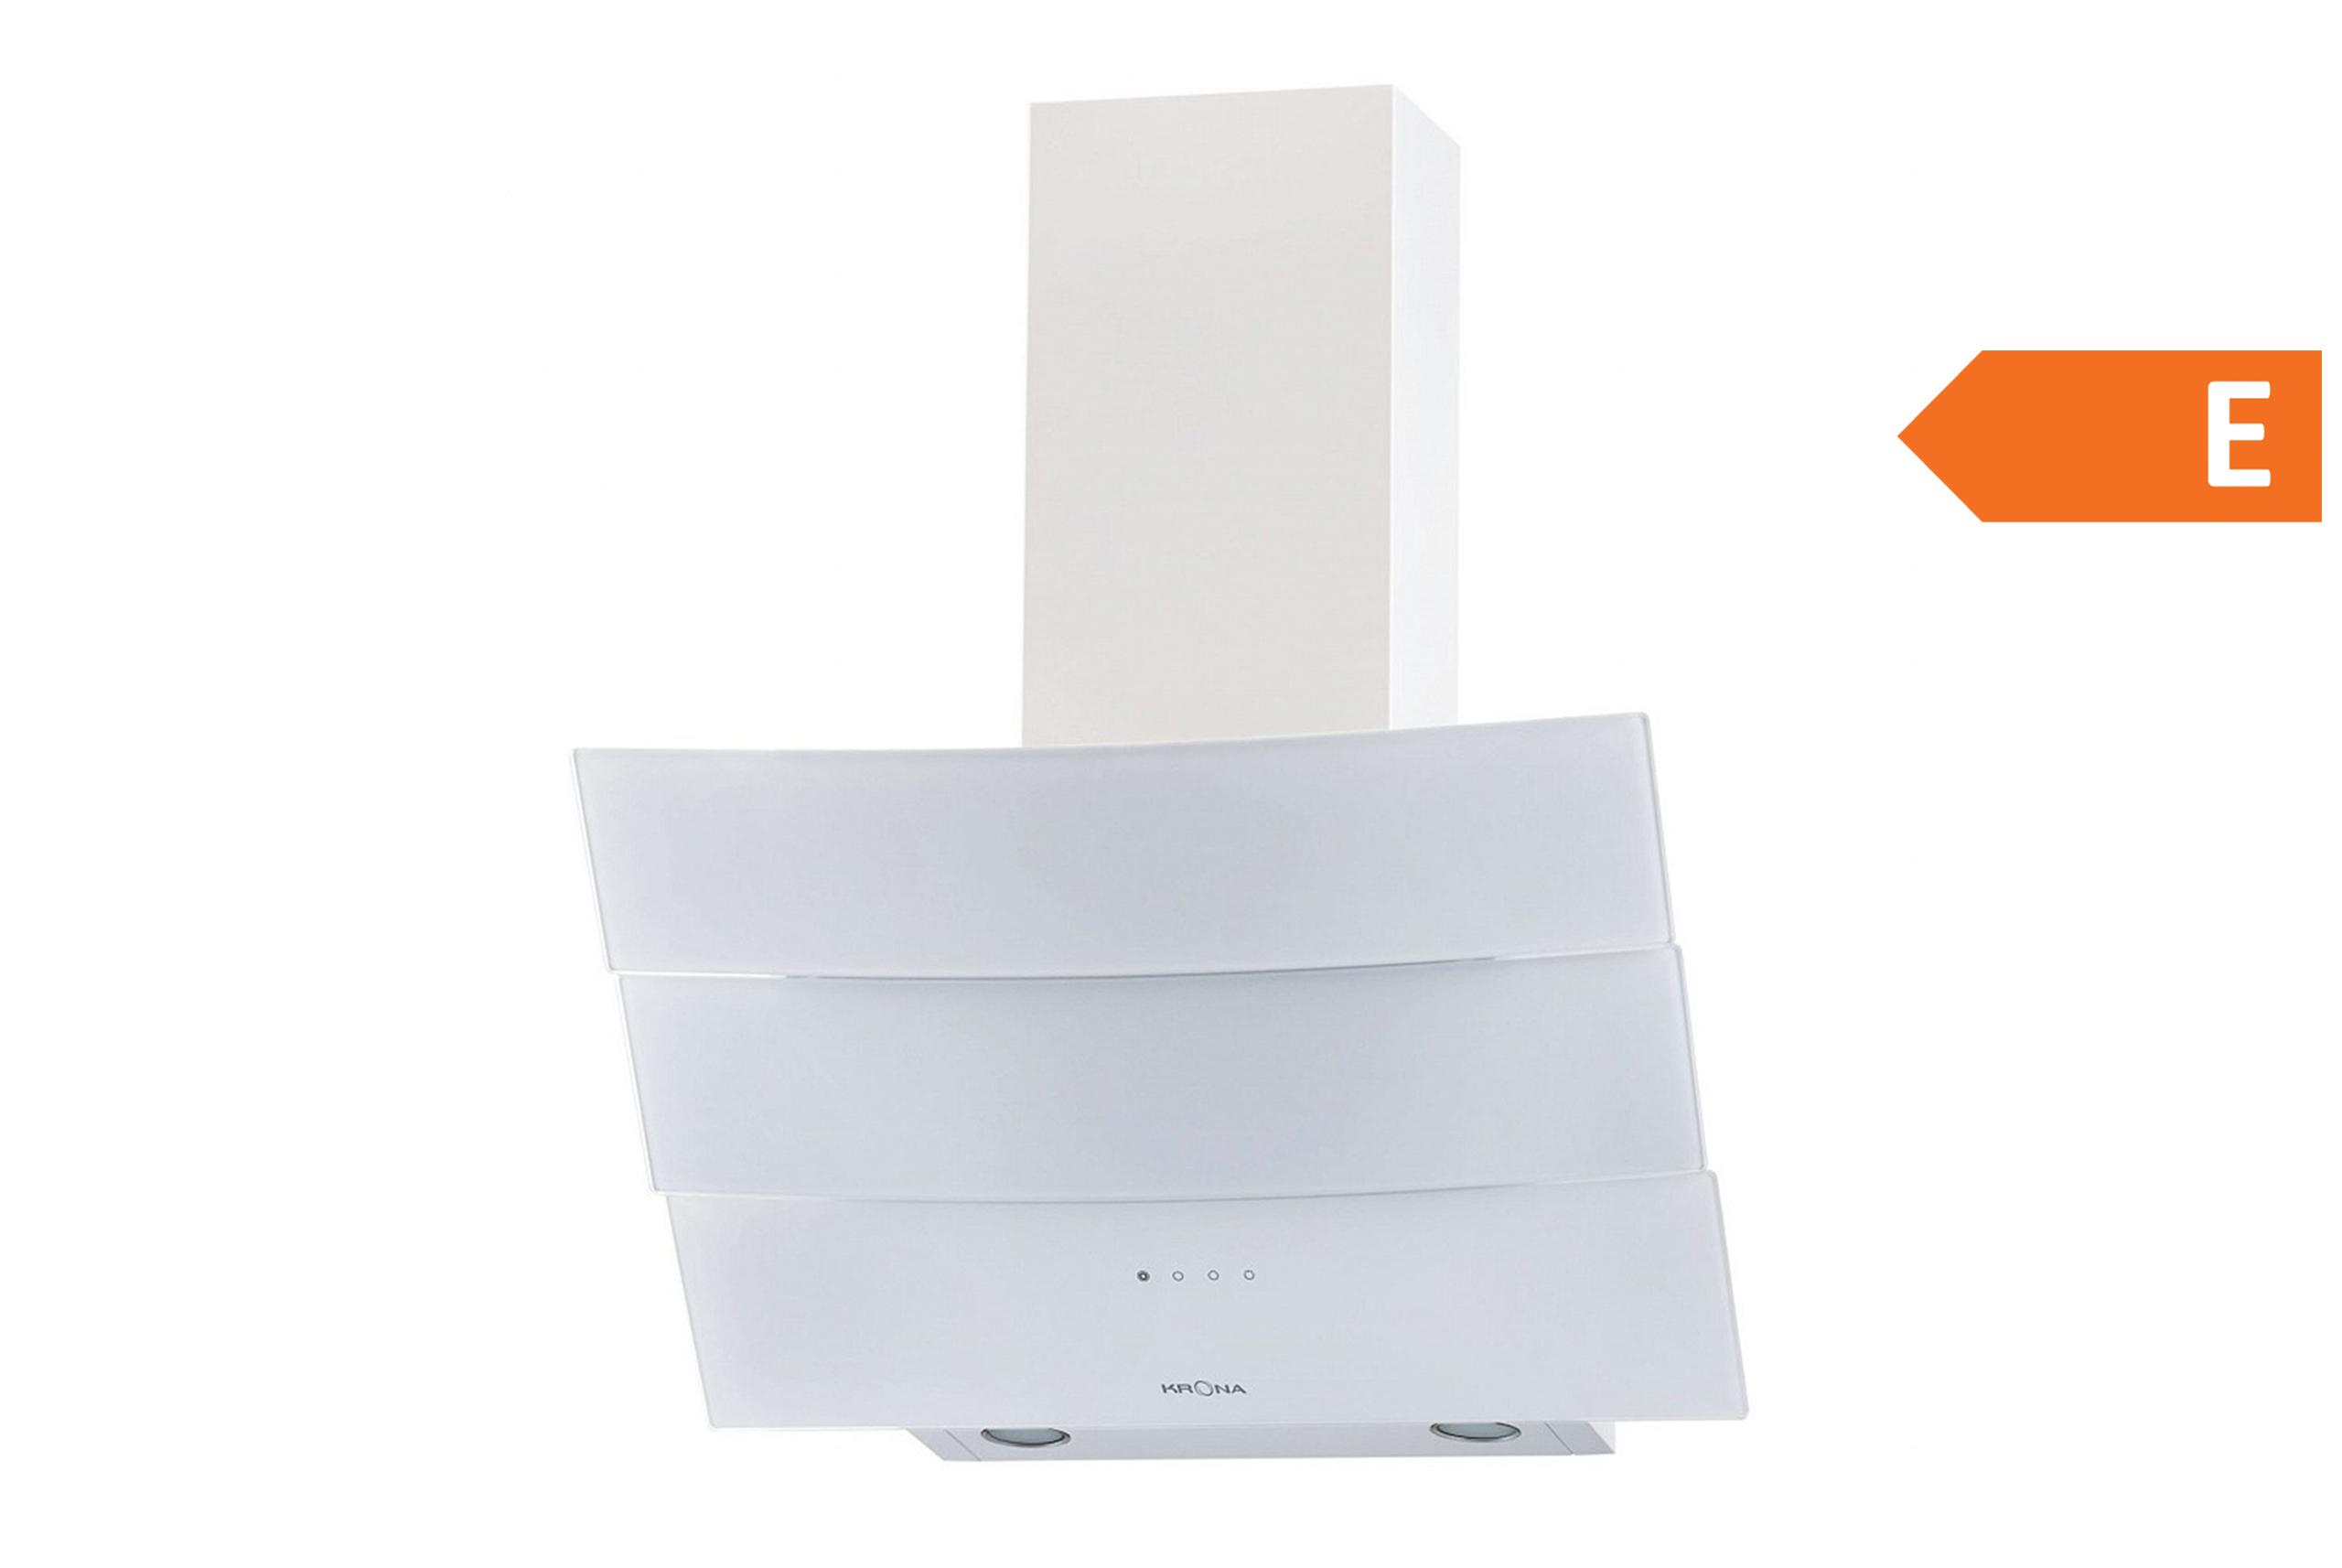 Gartraukis INGA 600 White Sensor (Ekspozicinė Prekė) (E)